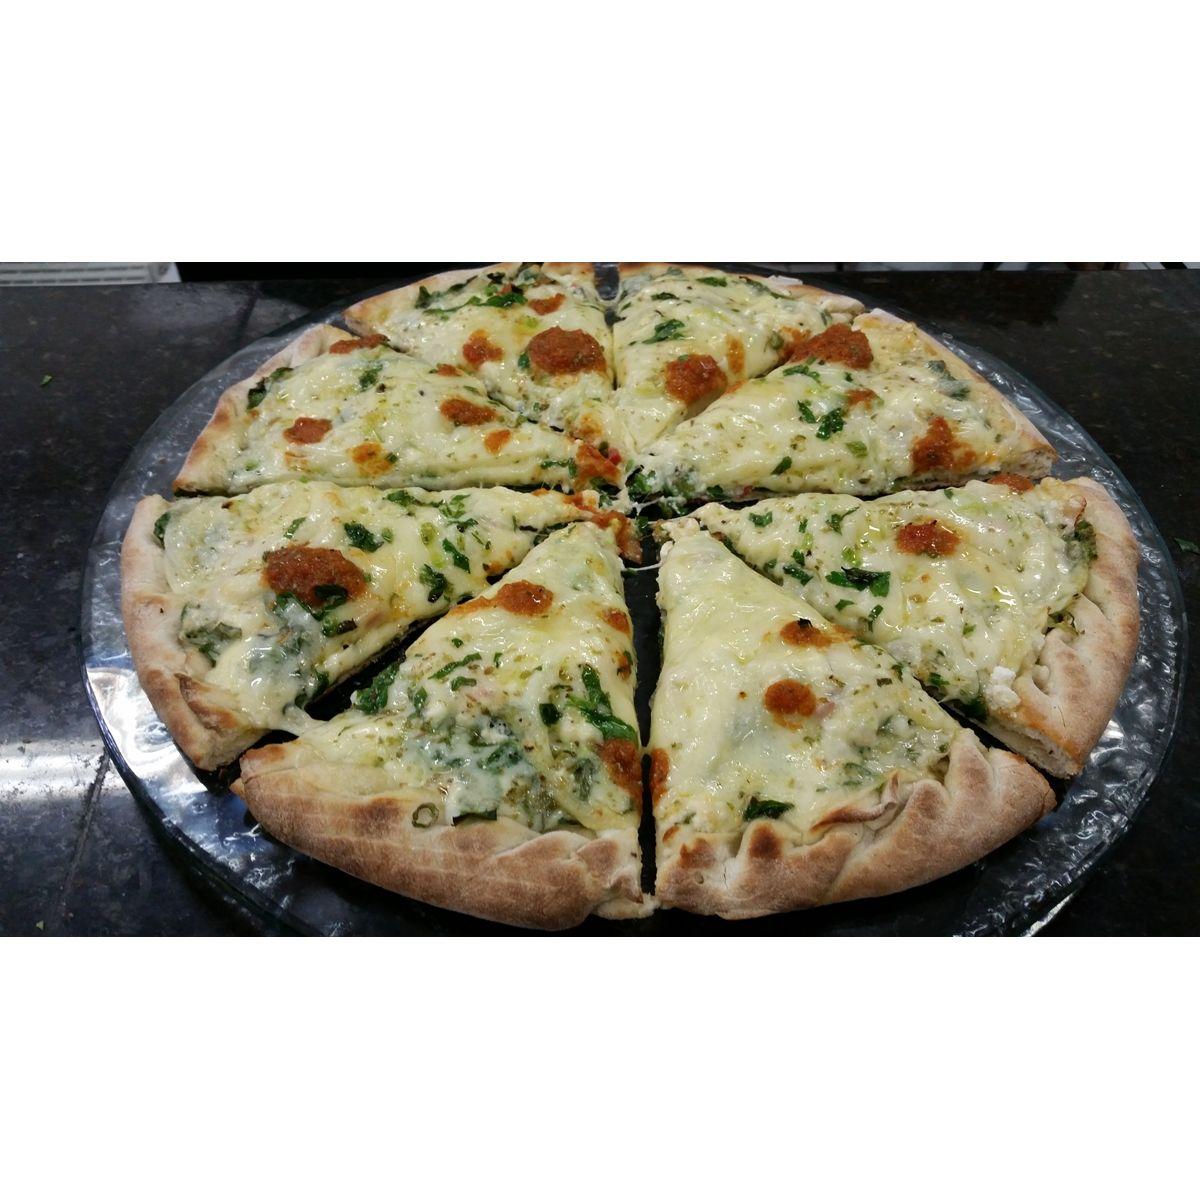 MARCADOR DE PIZZA 12 PEDAÇOS P/ PIZZAS DE 38/40 CM  - Fórum de Pizzas Vendas online